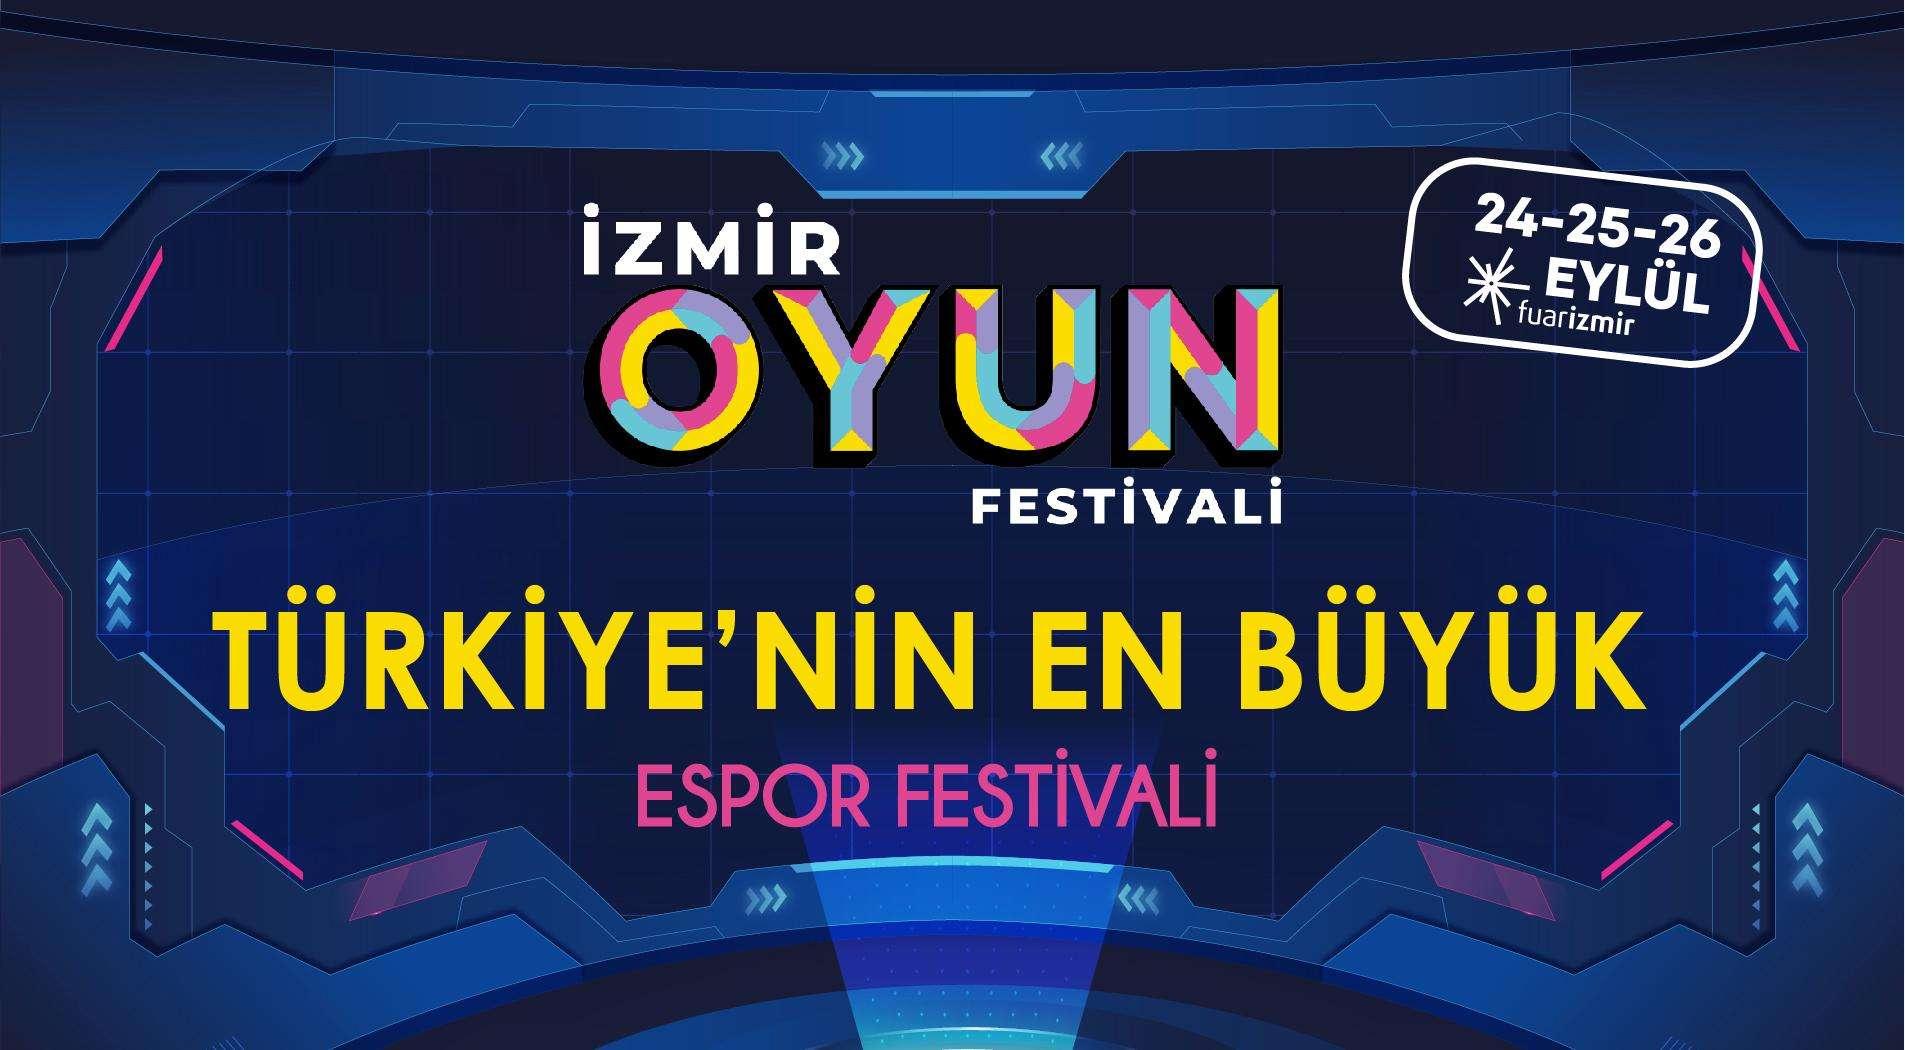 izmir-oyun-festivali-2052